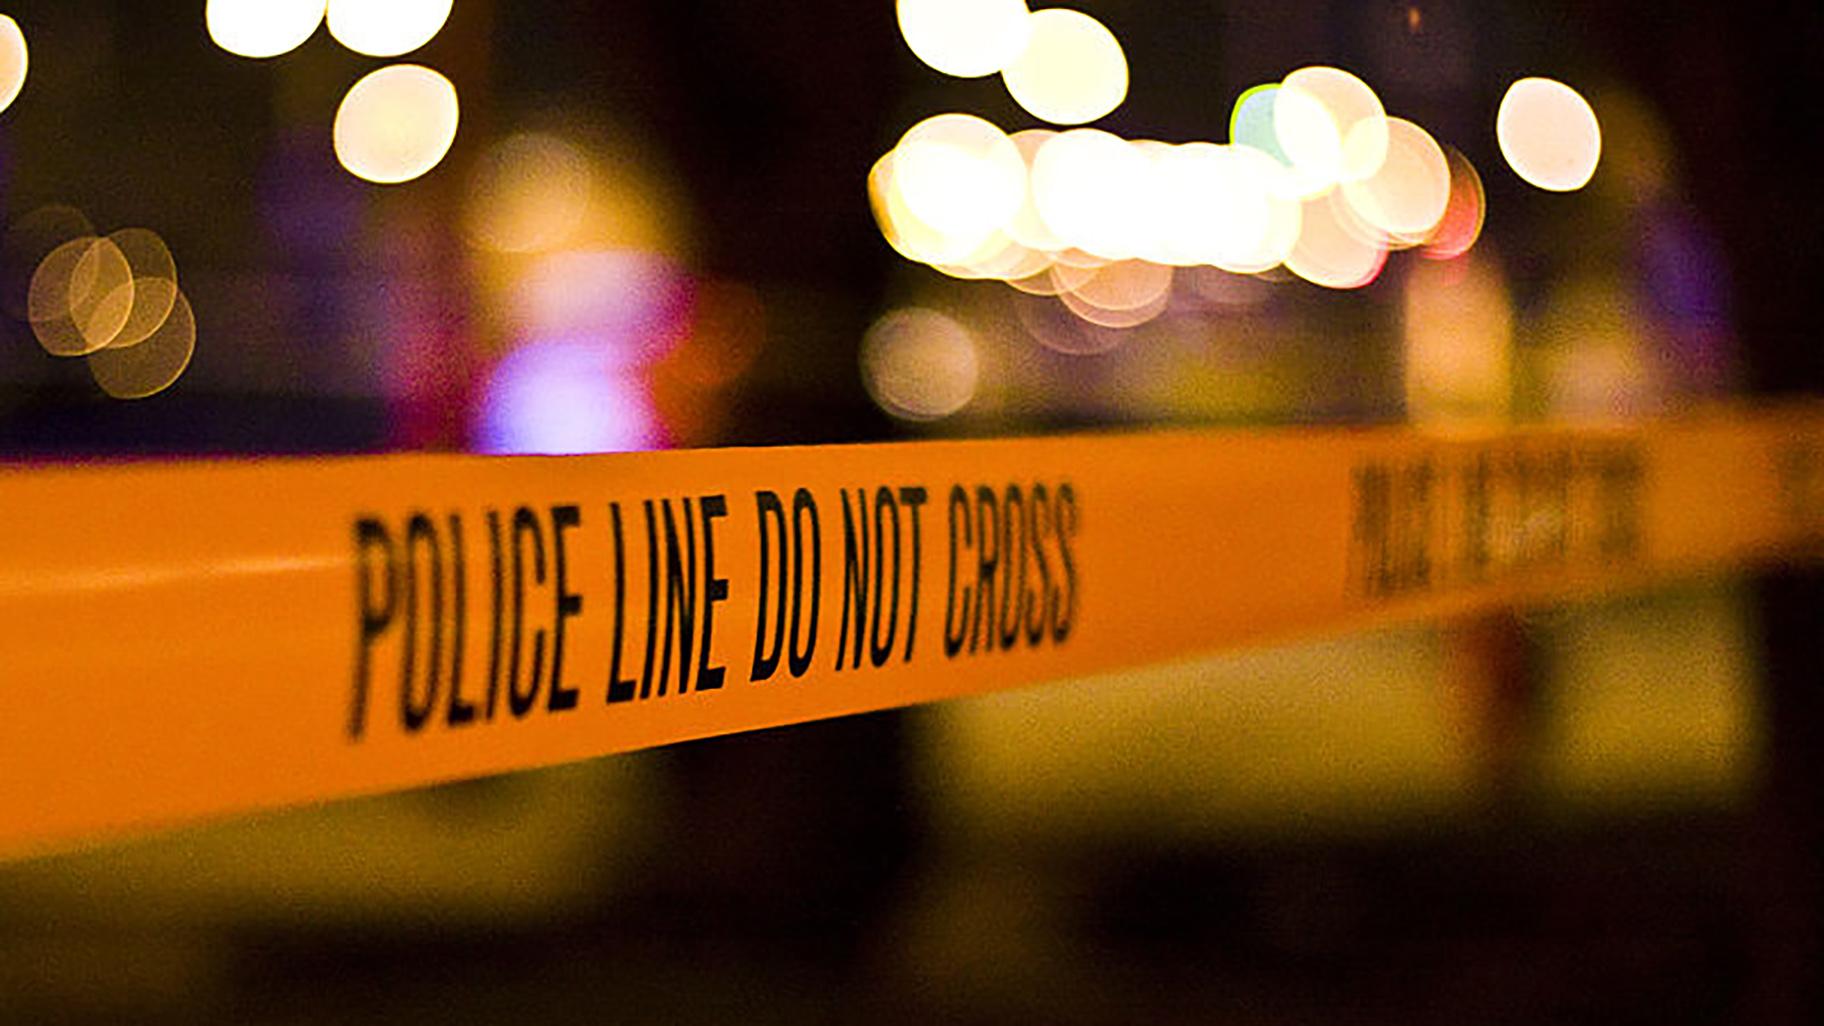 4 Dead in Possible Murder-Suicide in Joliet | Chicago News